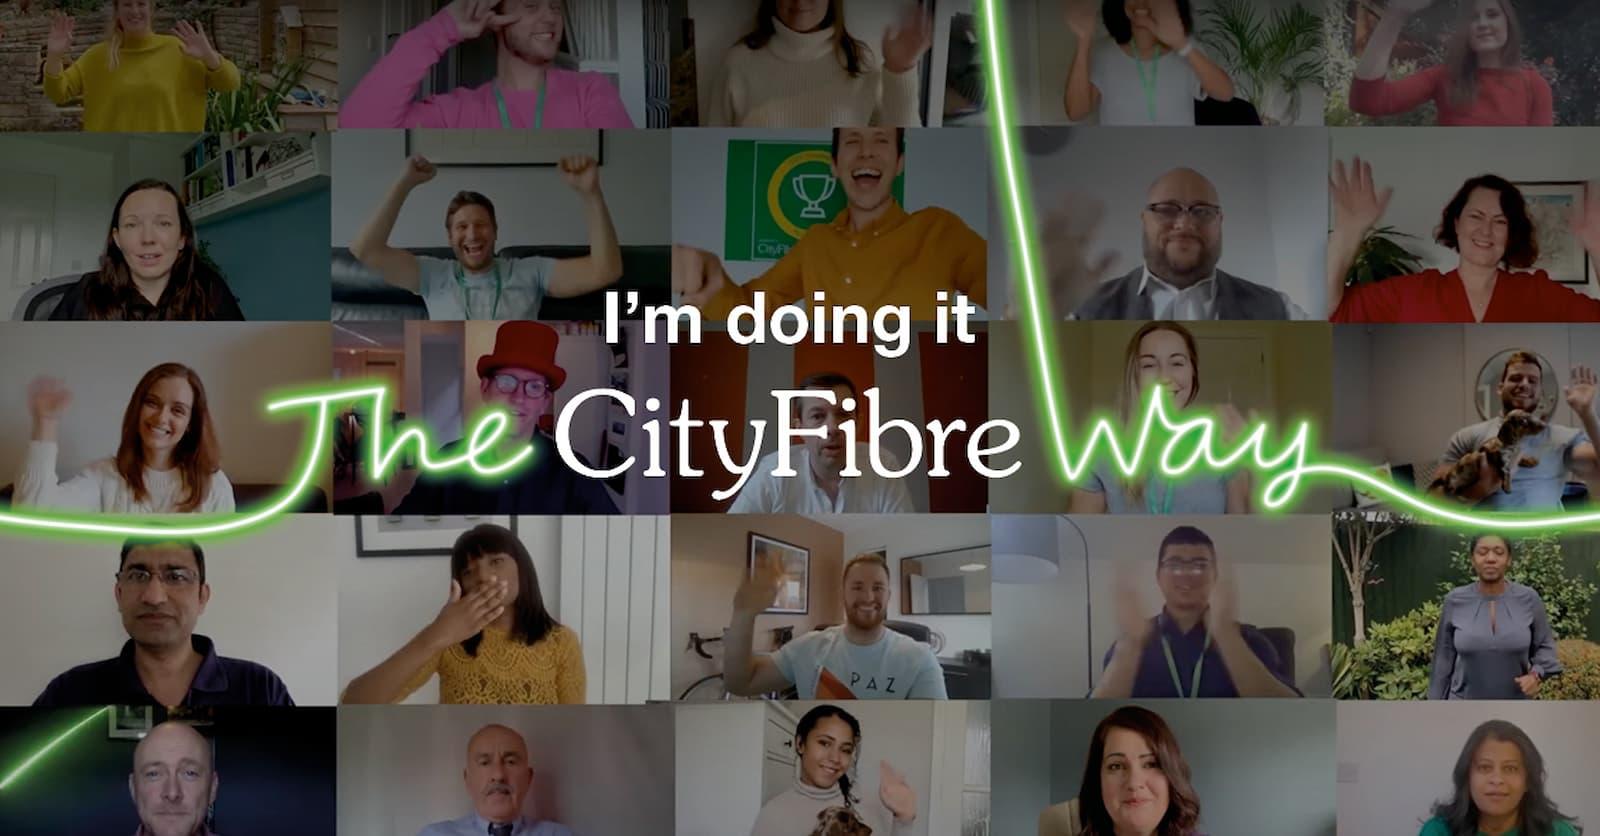 Equipe de marketing da CityFibre aumenta a visibilidade do trabalho e agiliza processos com a Asana